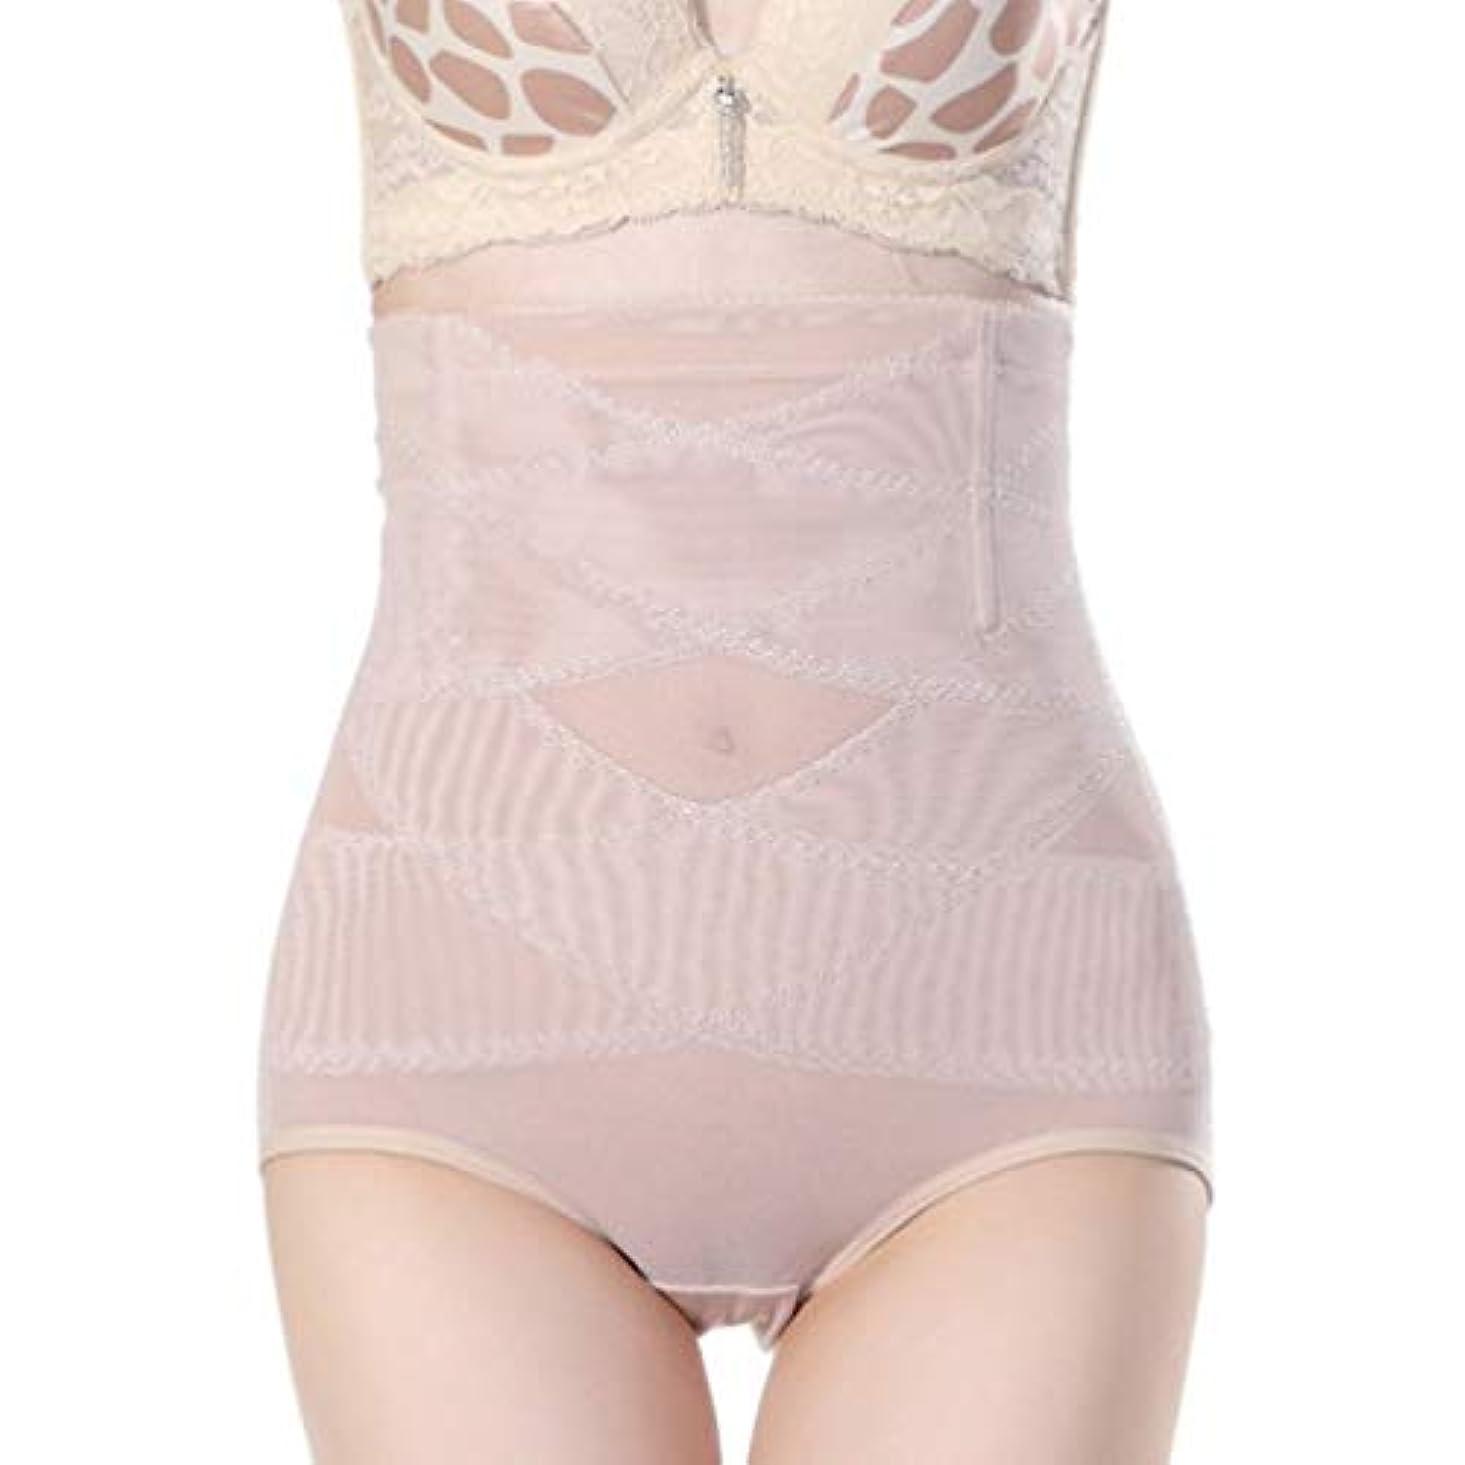 ハグ涙擬人腹部制御下着シームレスおなかコントロールパンティーバットリフターボディシェイパーを痩身通気性のハイウエストの女性 - 肌色M